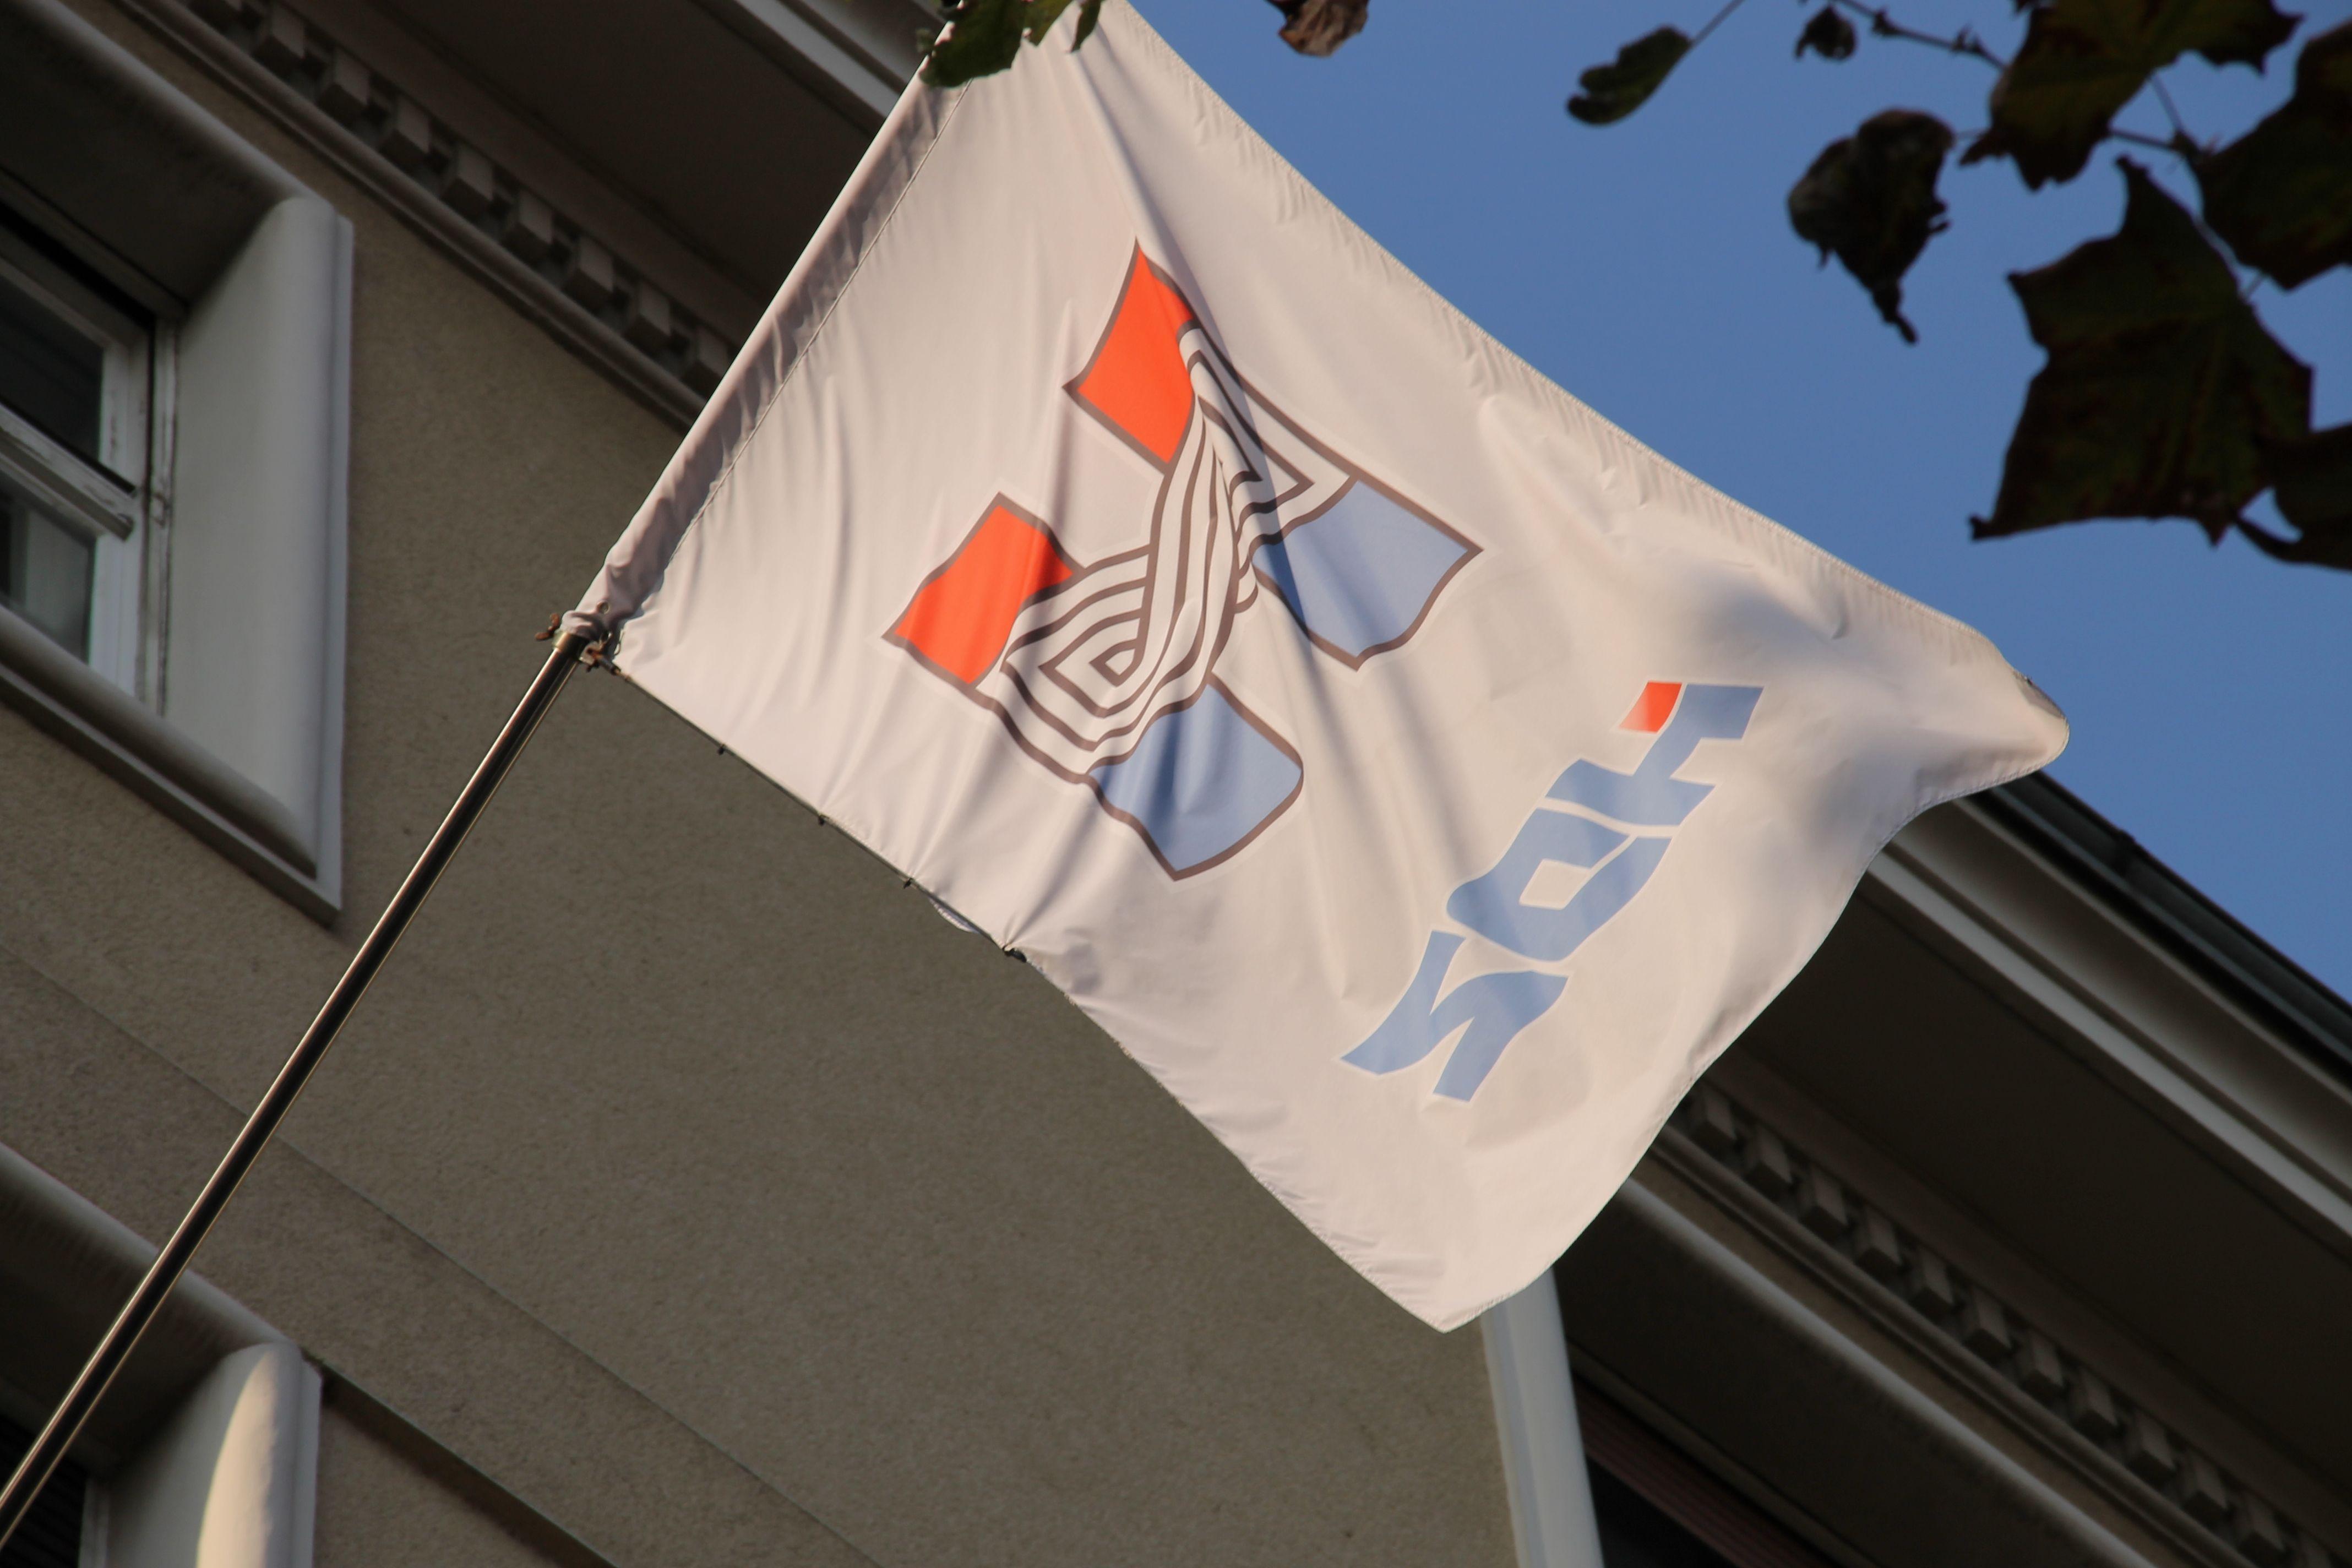 Svečanom akademijom HDZ u ponedjeljak obilježava 30. obljetnicu osnutka